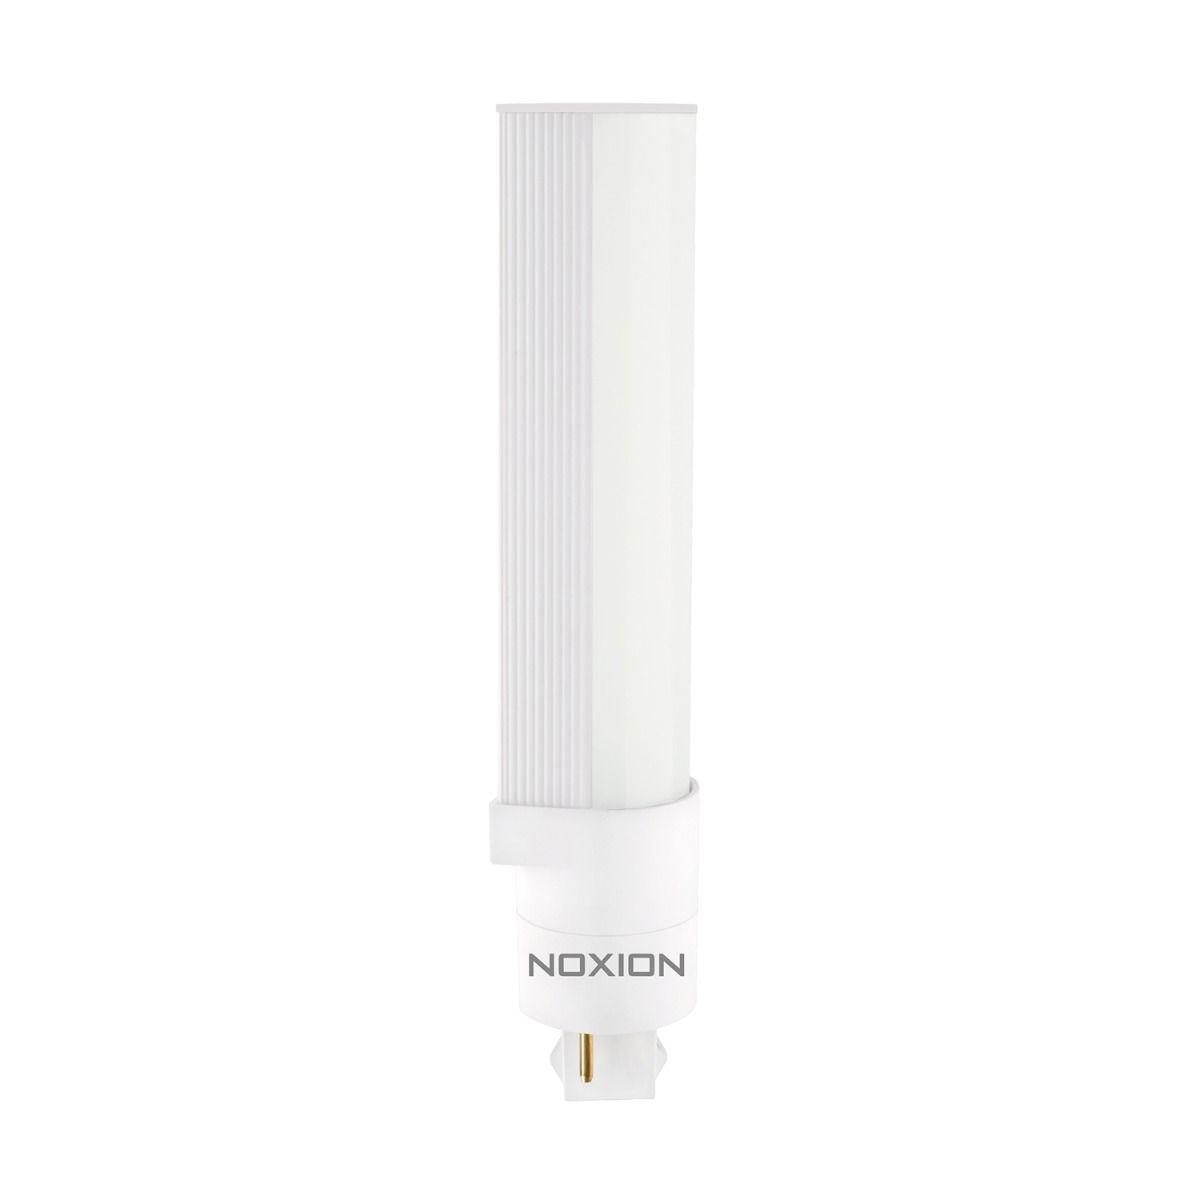 Noxion Lucent LED PL-C EM 6.5W 830 | Varm Vit - 2-stift - Ersättare 18W